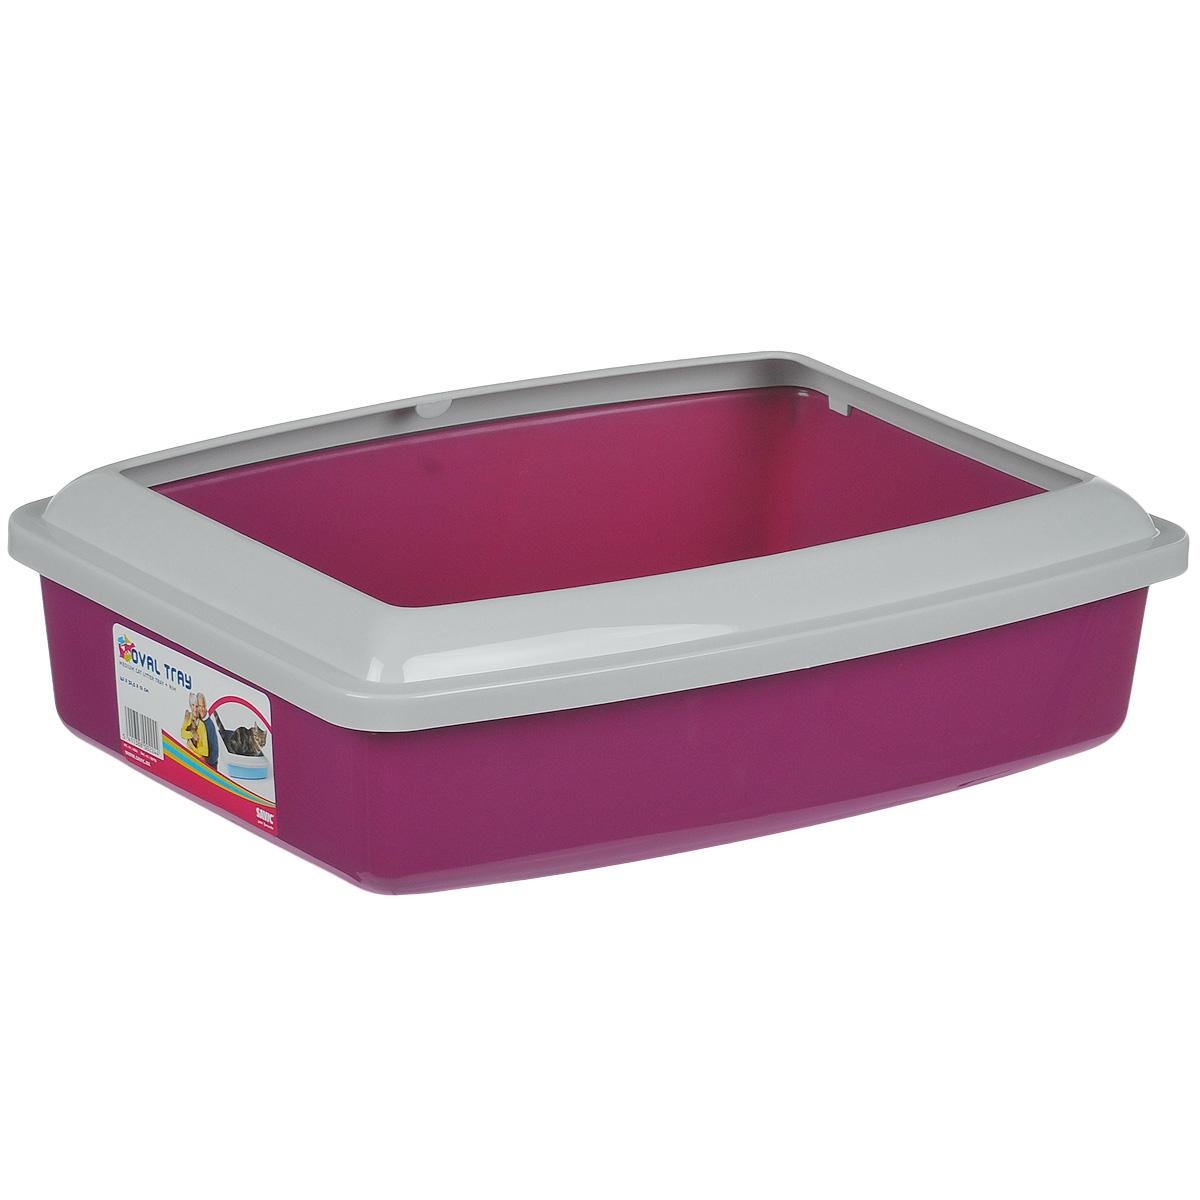 Туалет для кошек Savic Oval Trey Medium, с бортом, цвет: малиновый, 42 см х 33 см trey songz trey songz trigga